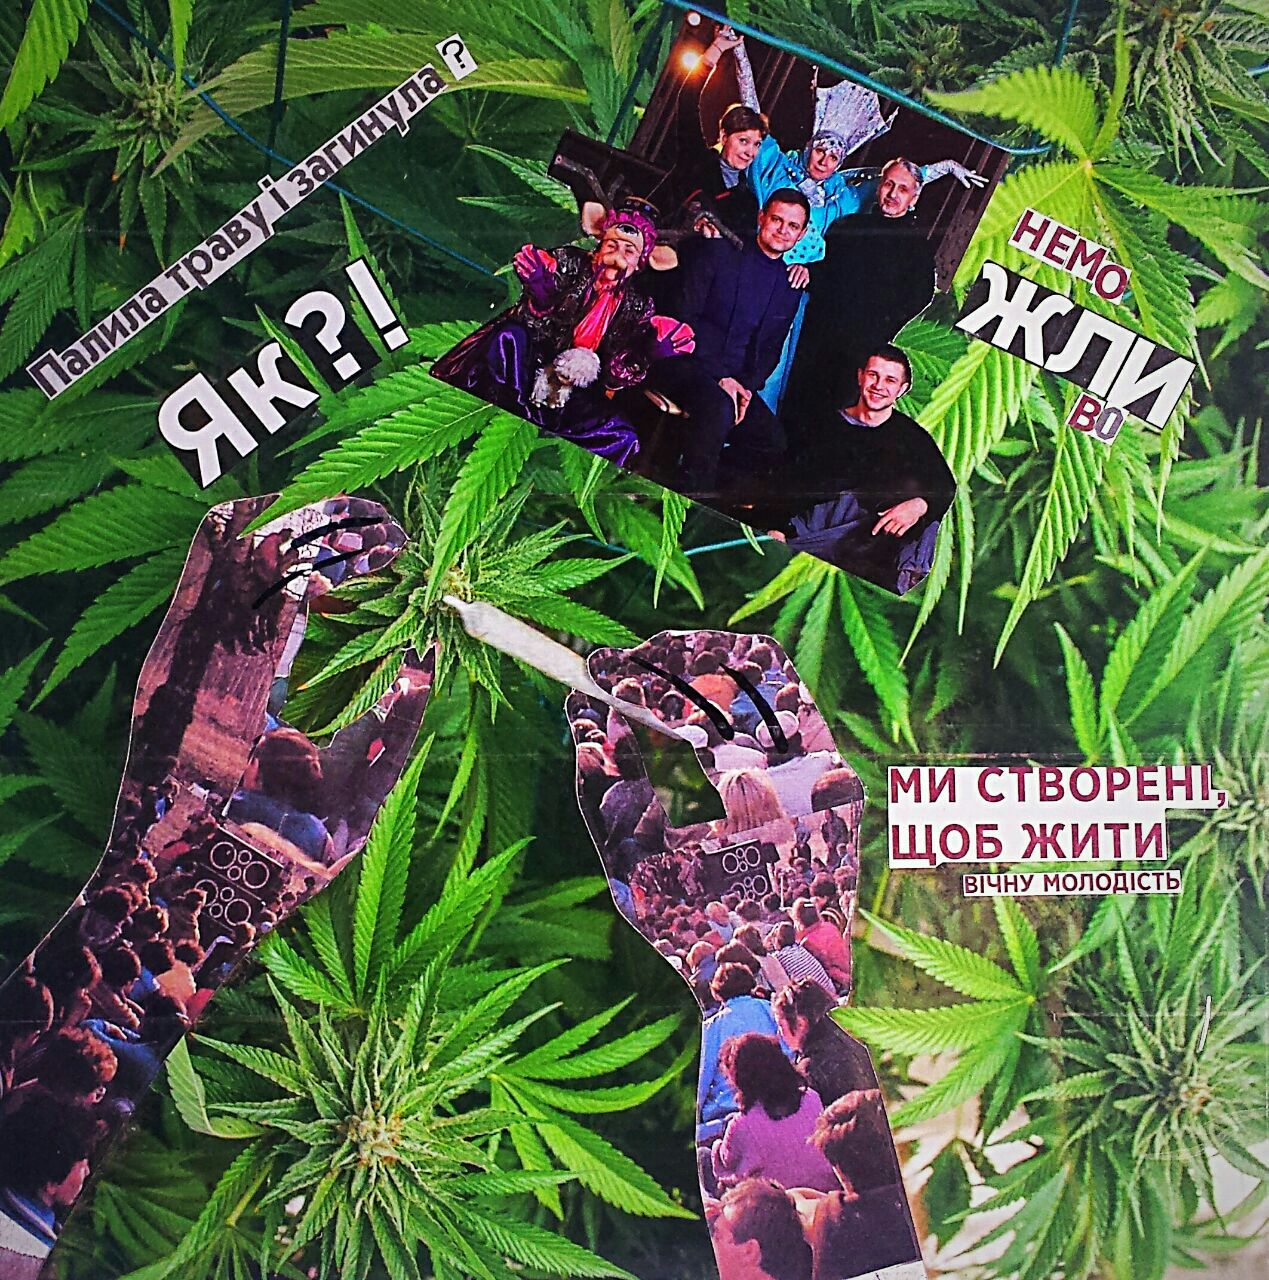 09 live eternal youth - <b>Скотчмакулатура.</b> Проєкт Марії Проніної - у «Рівні цензури» - Заборона